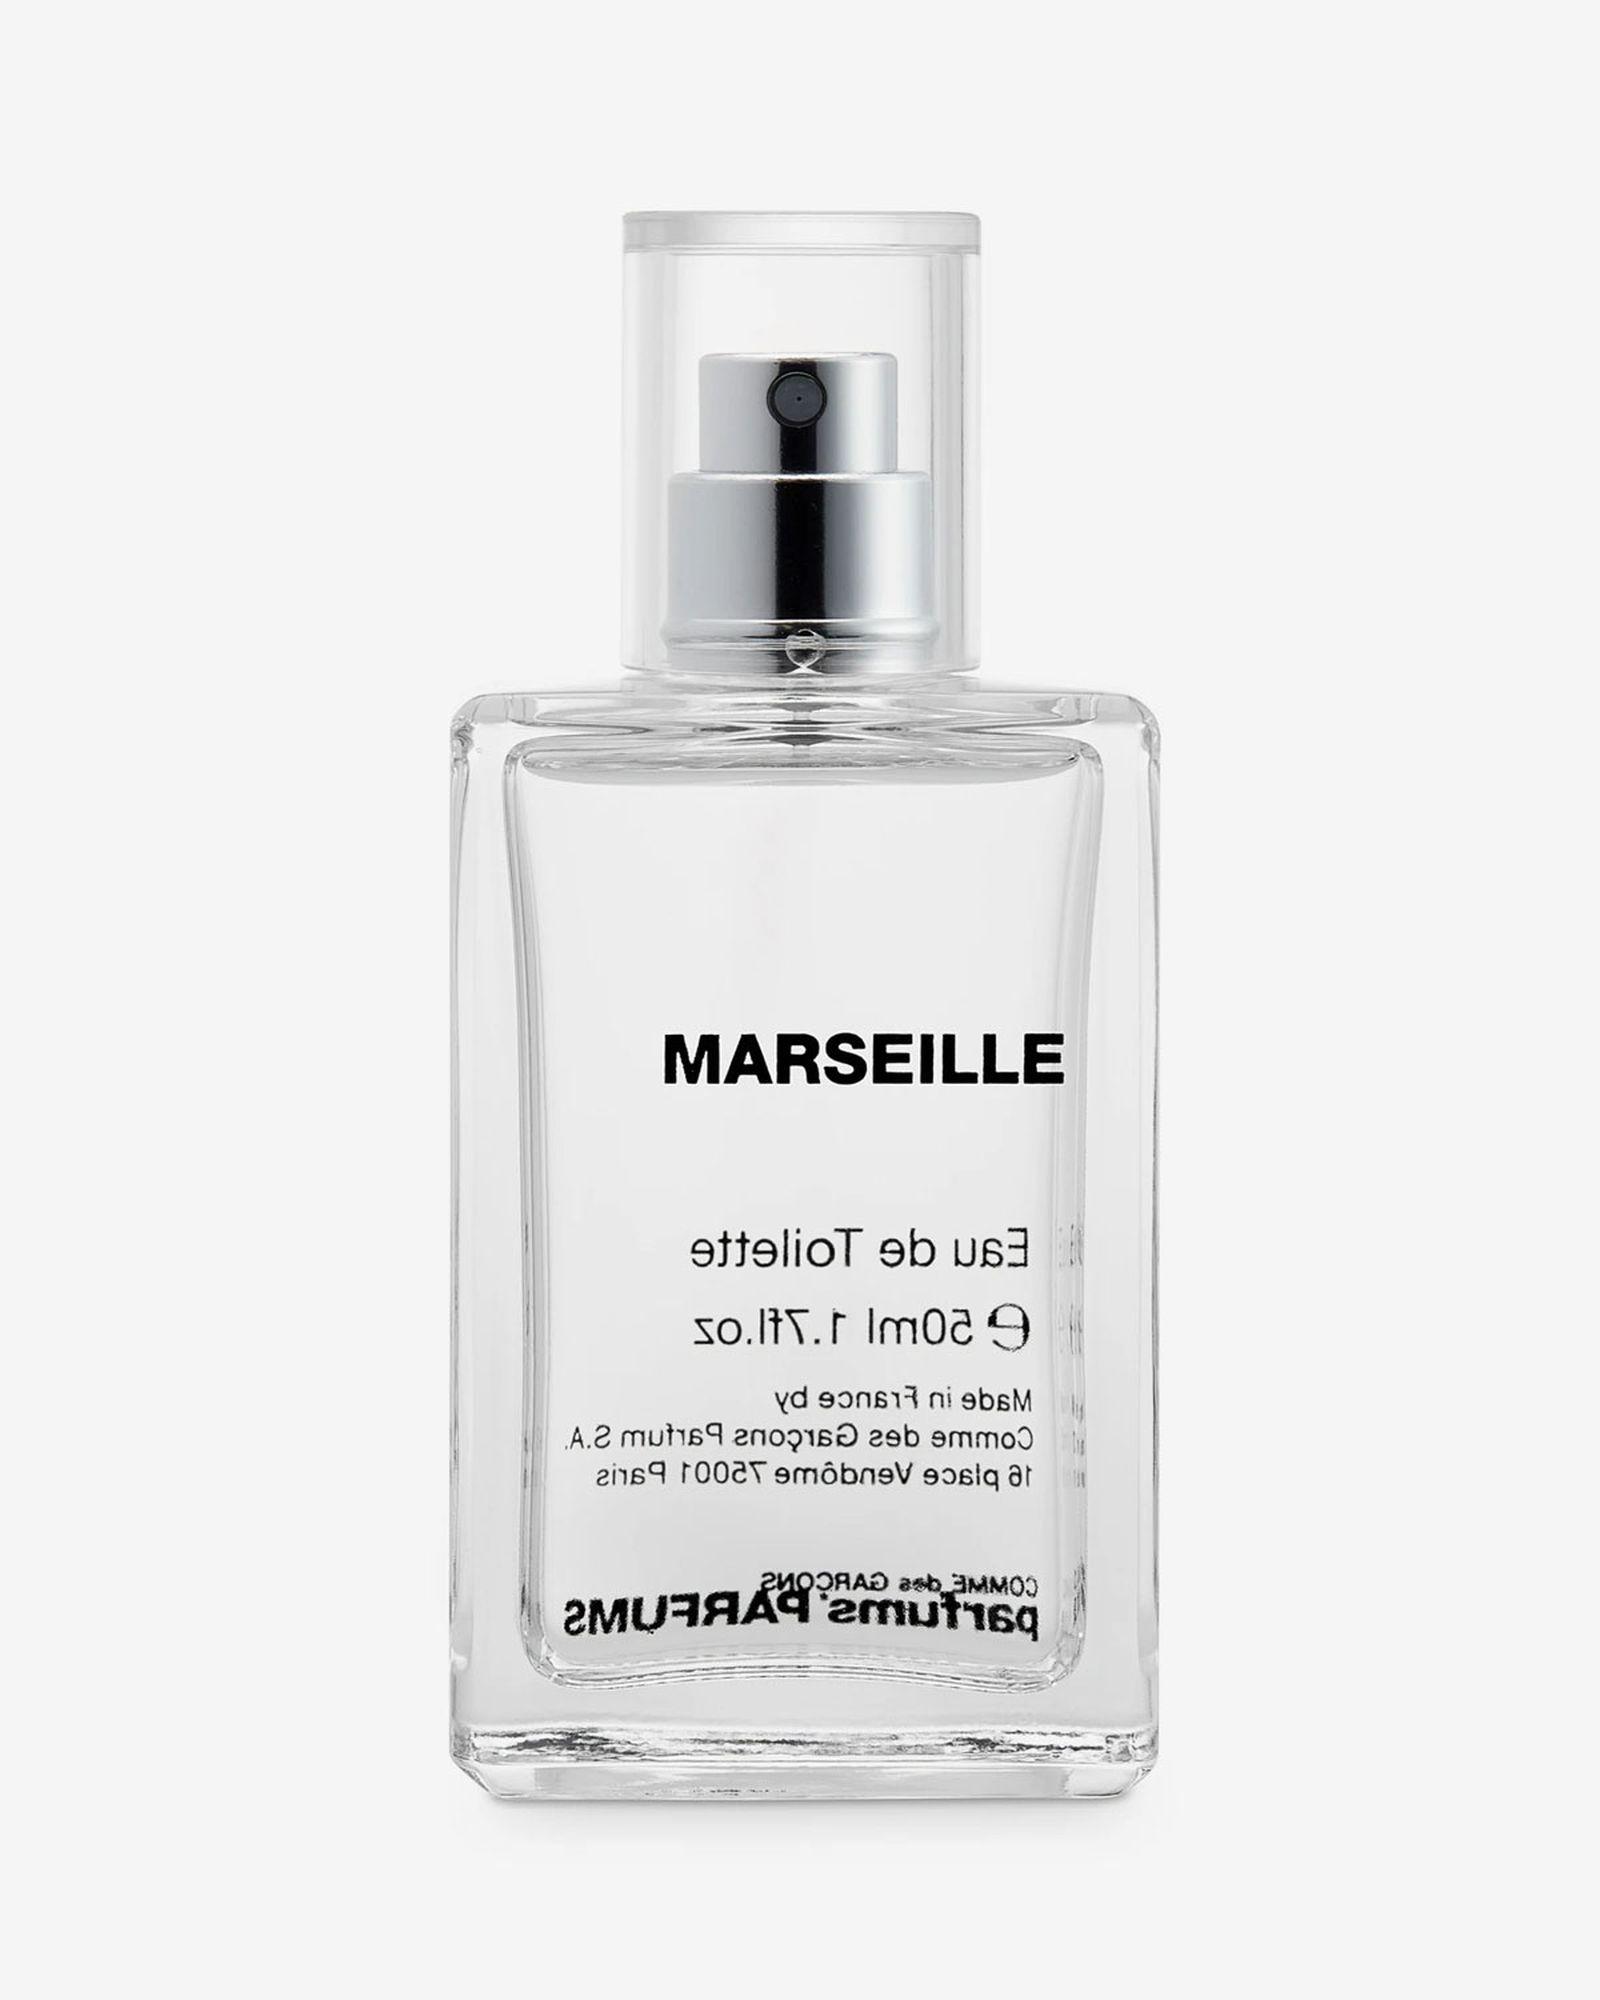 comme-des-garcons-parfums-marseille-01